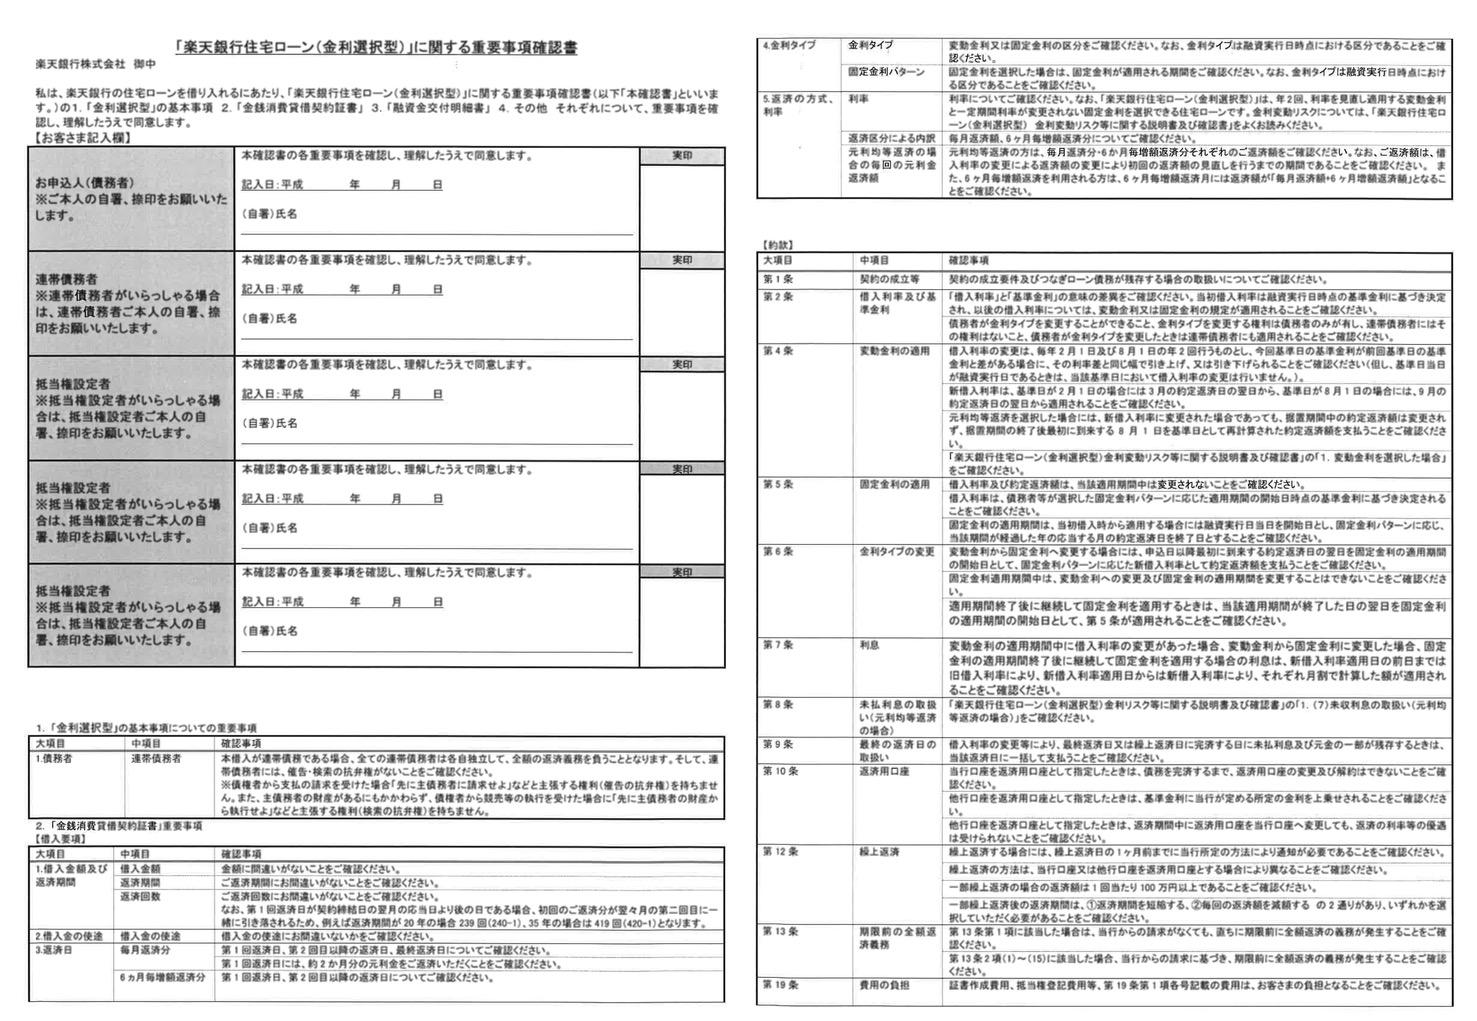 楽天銀行住宅ローンに関する重要事項確認書の記入例